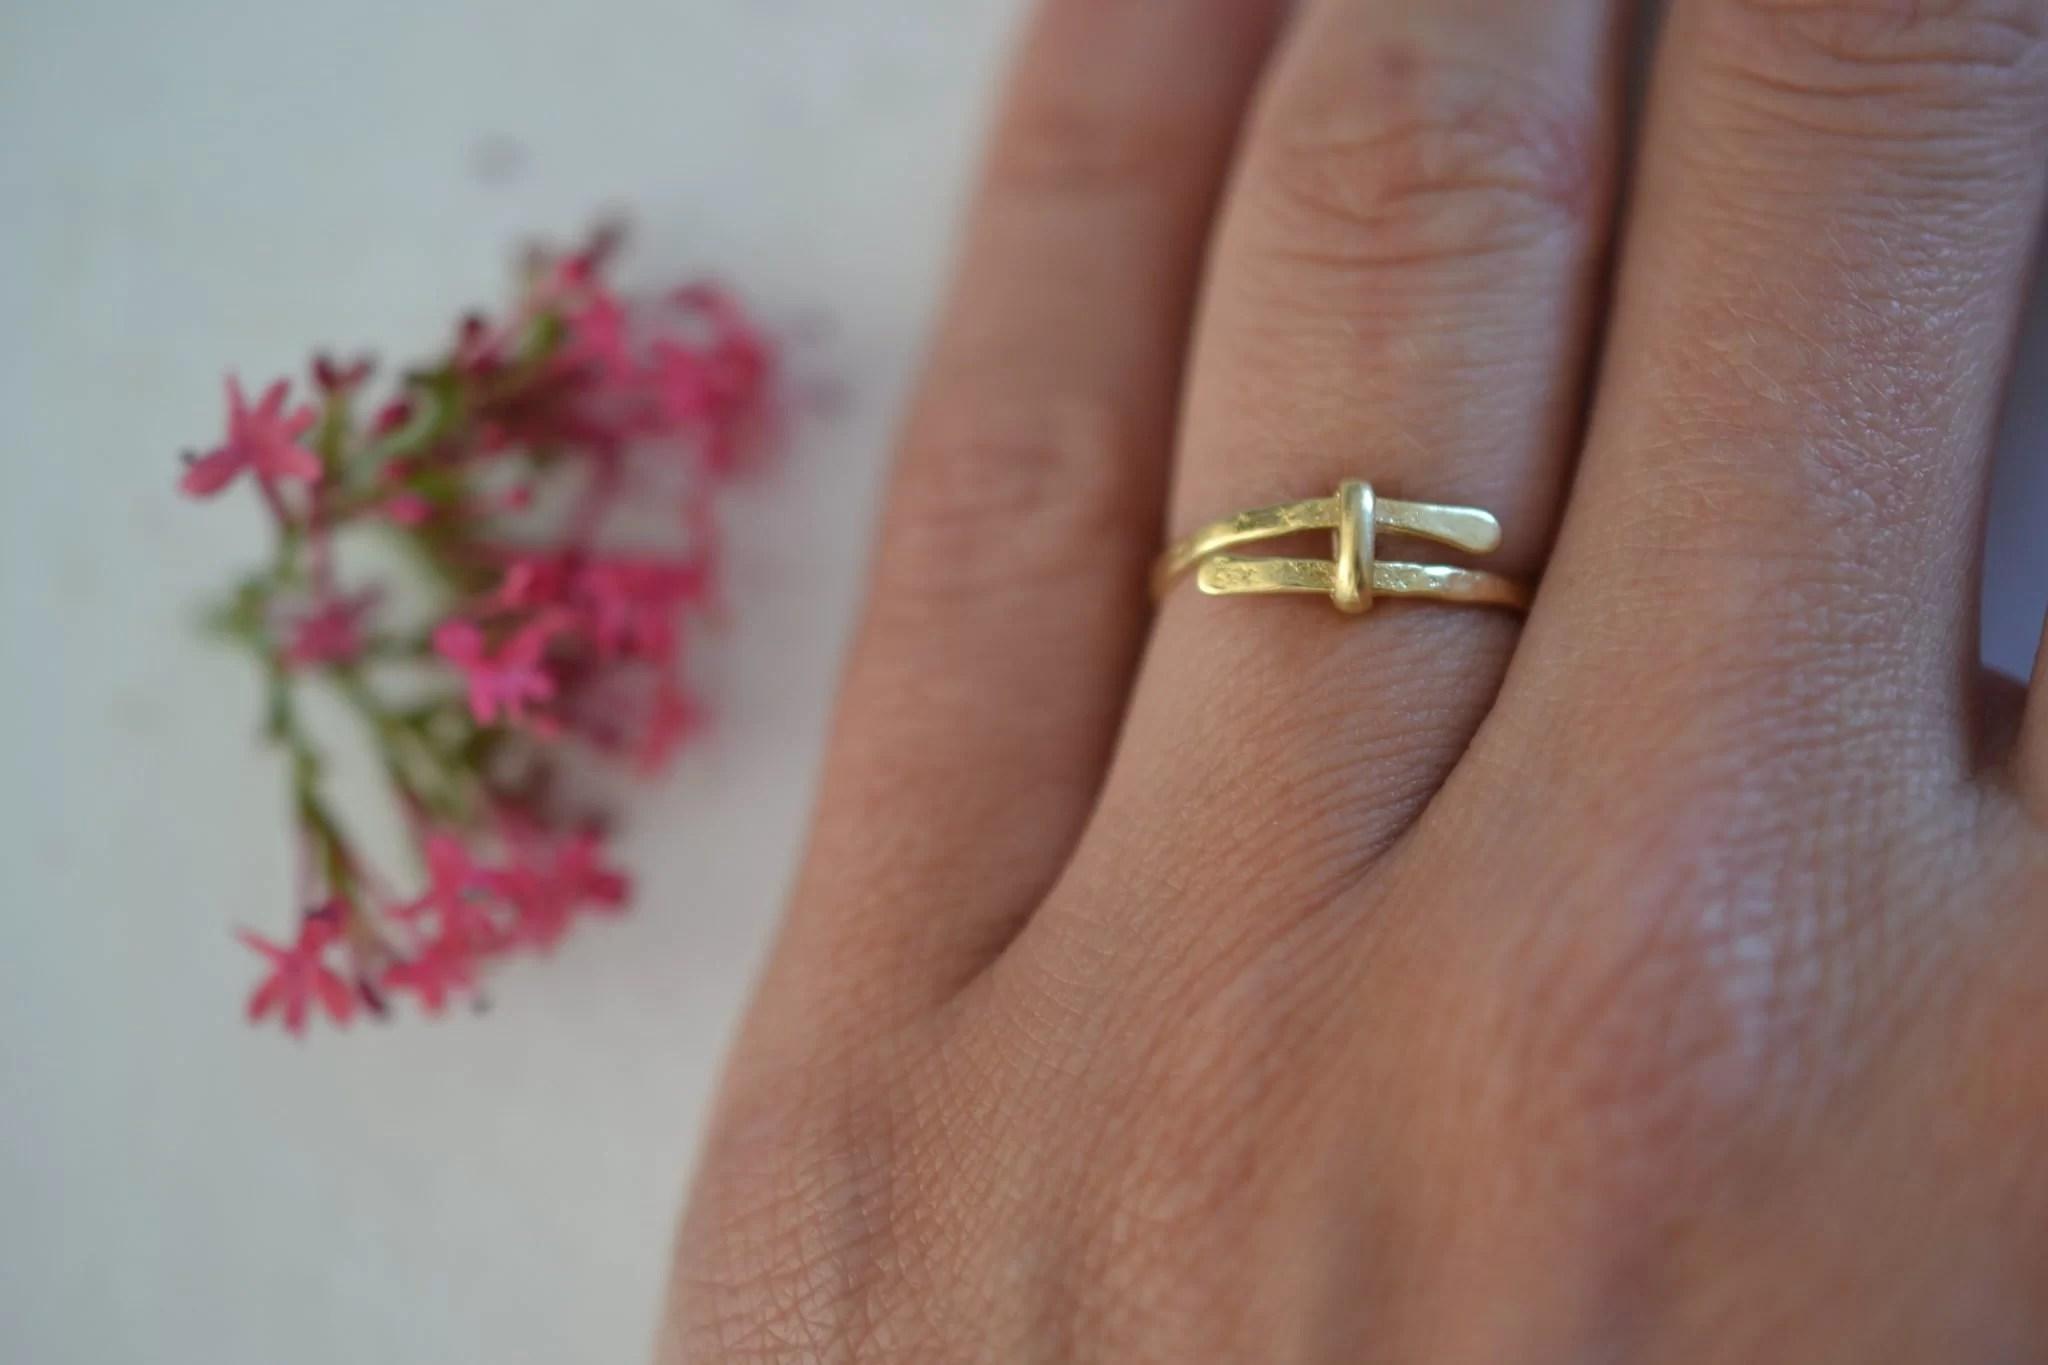 bague martelée en or - Bijou vintage certifé - 18 carats 750:1000 - bijoux éthique